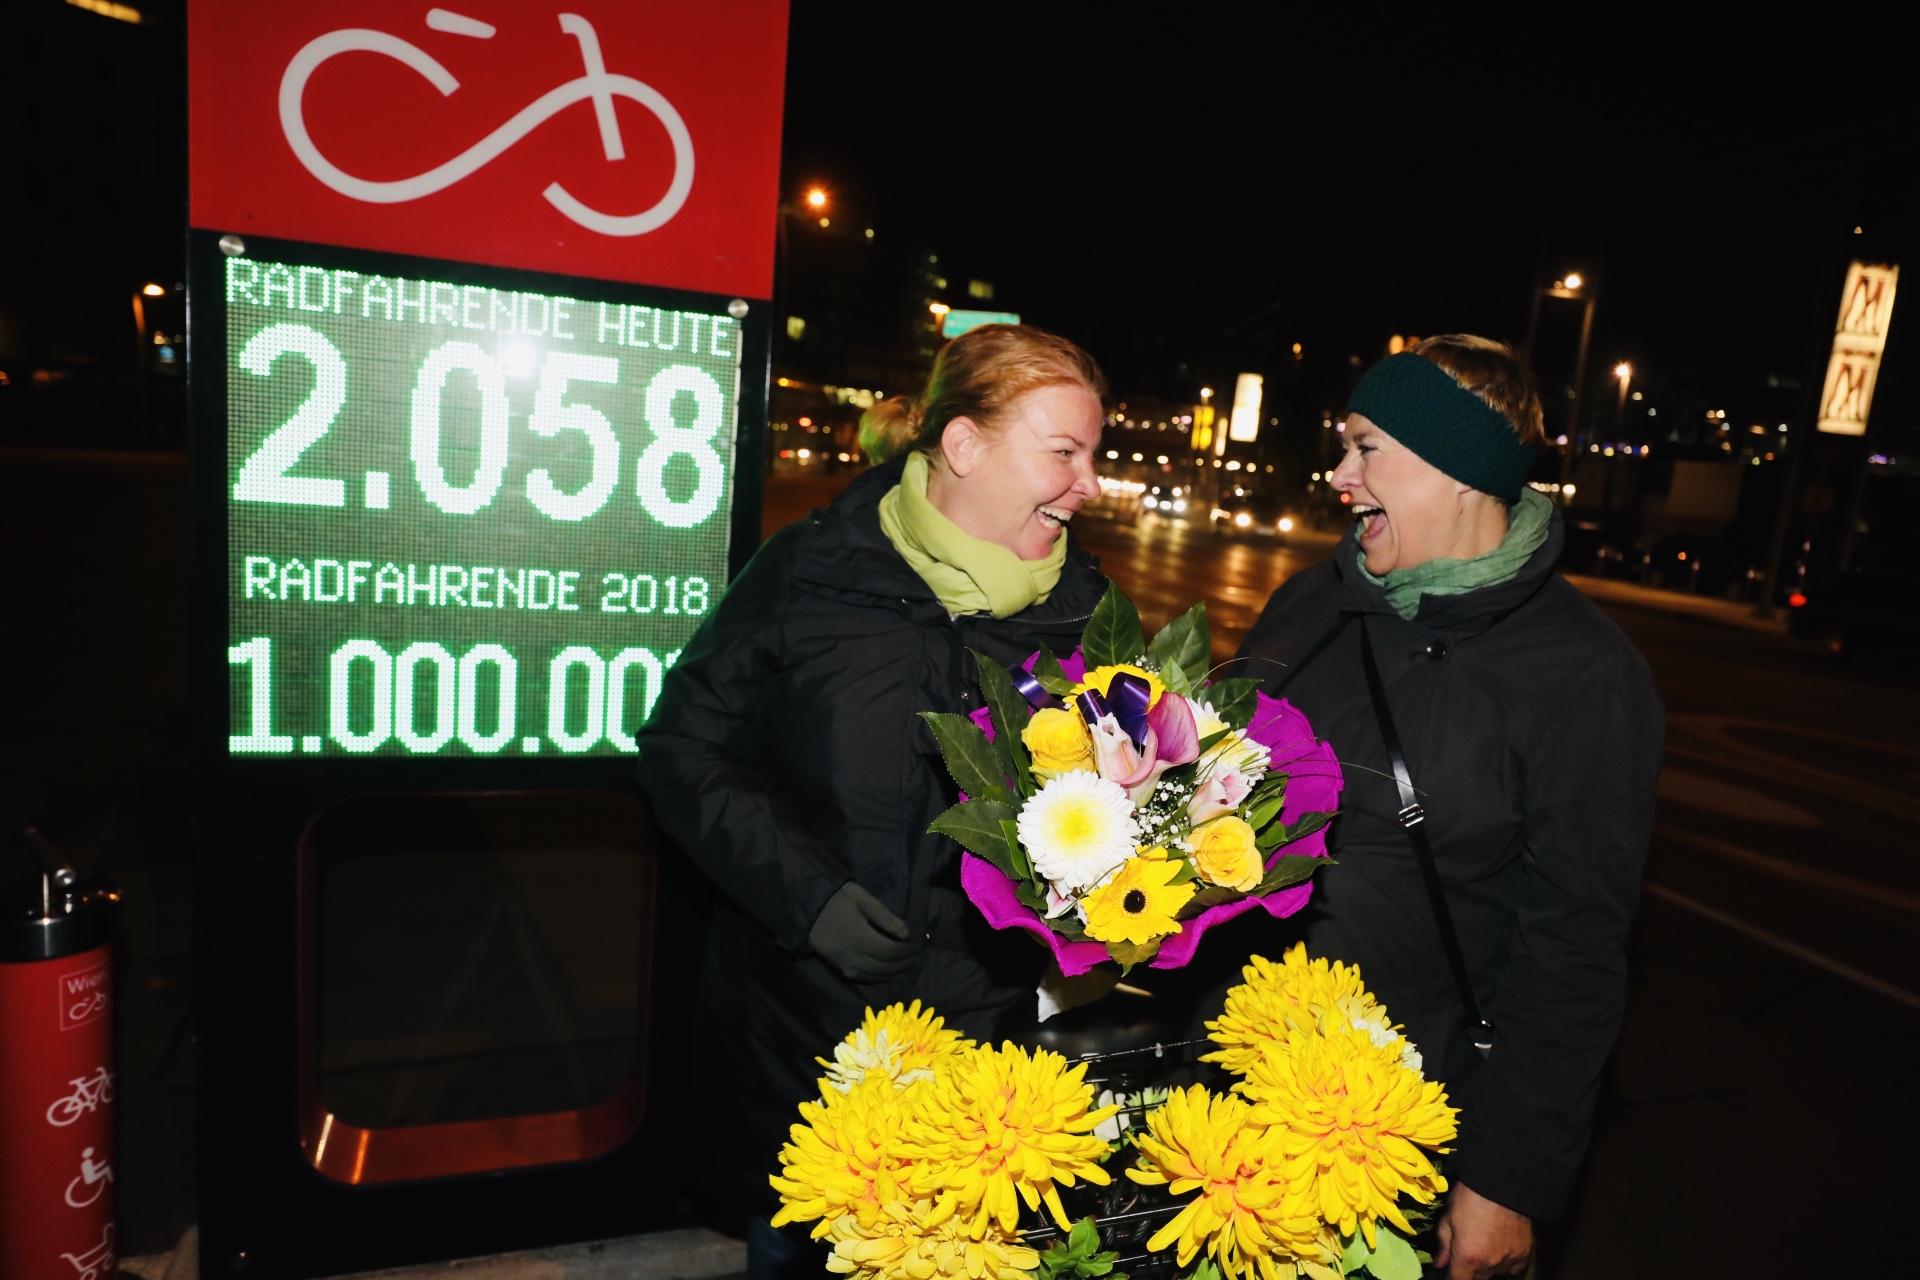 Bezirksvorsteherin Uschi Lichtenegger gratulierte der Millionsten-Radfahrerin, Frau Veronika Cizek, mit einem Strauß Blumen. Foto: Christian Fürthner